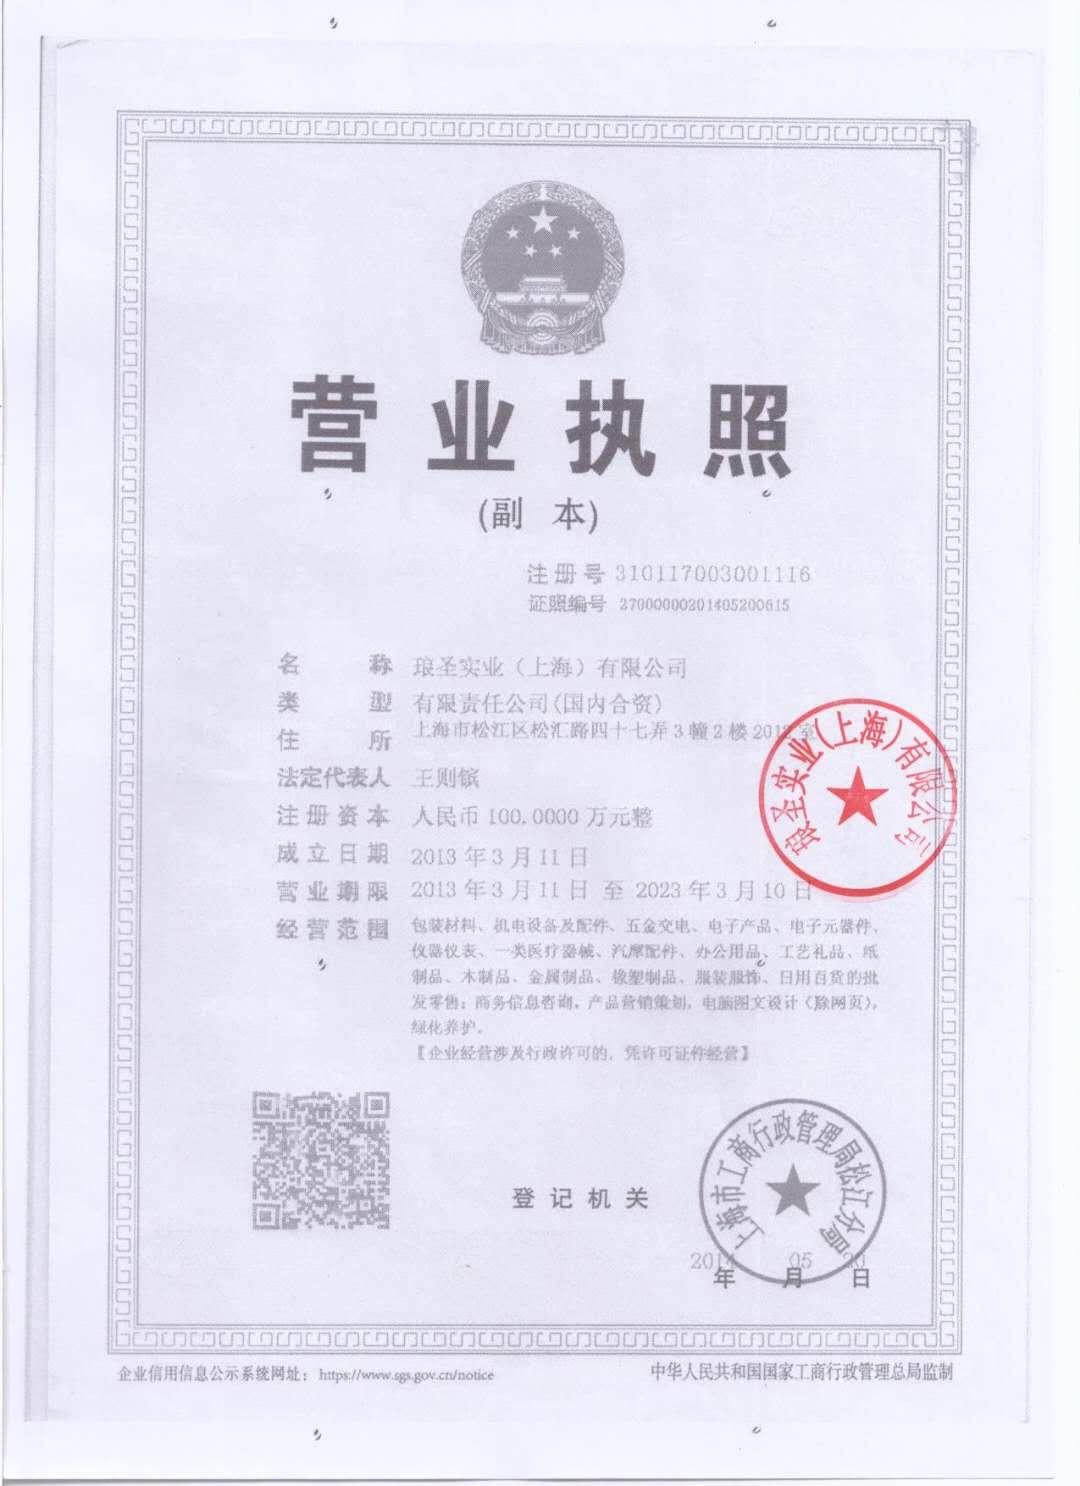 琅圣实业上海有限公司